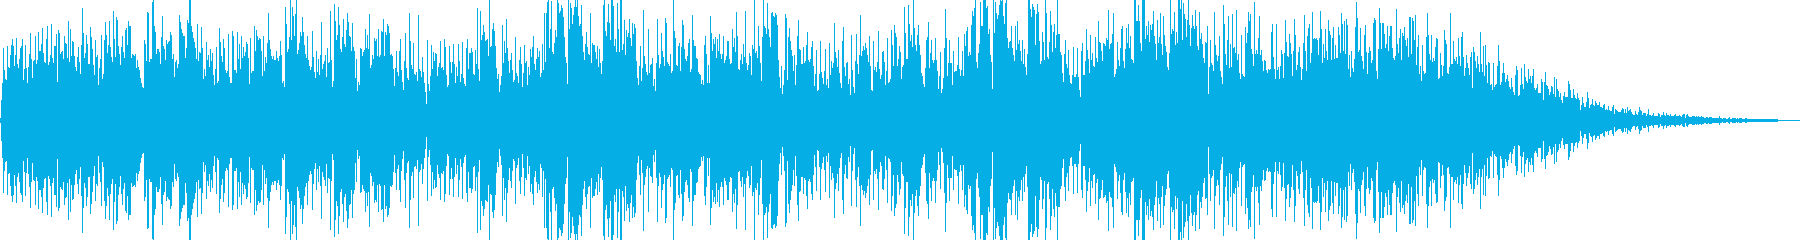 切ない雰囲気のフォークソングの再生済みの波形